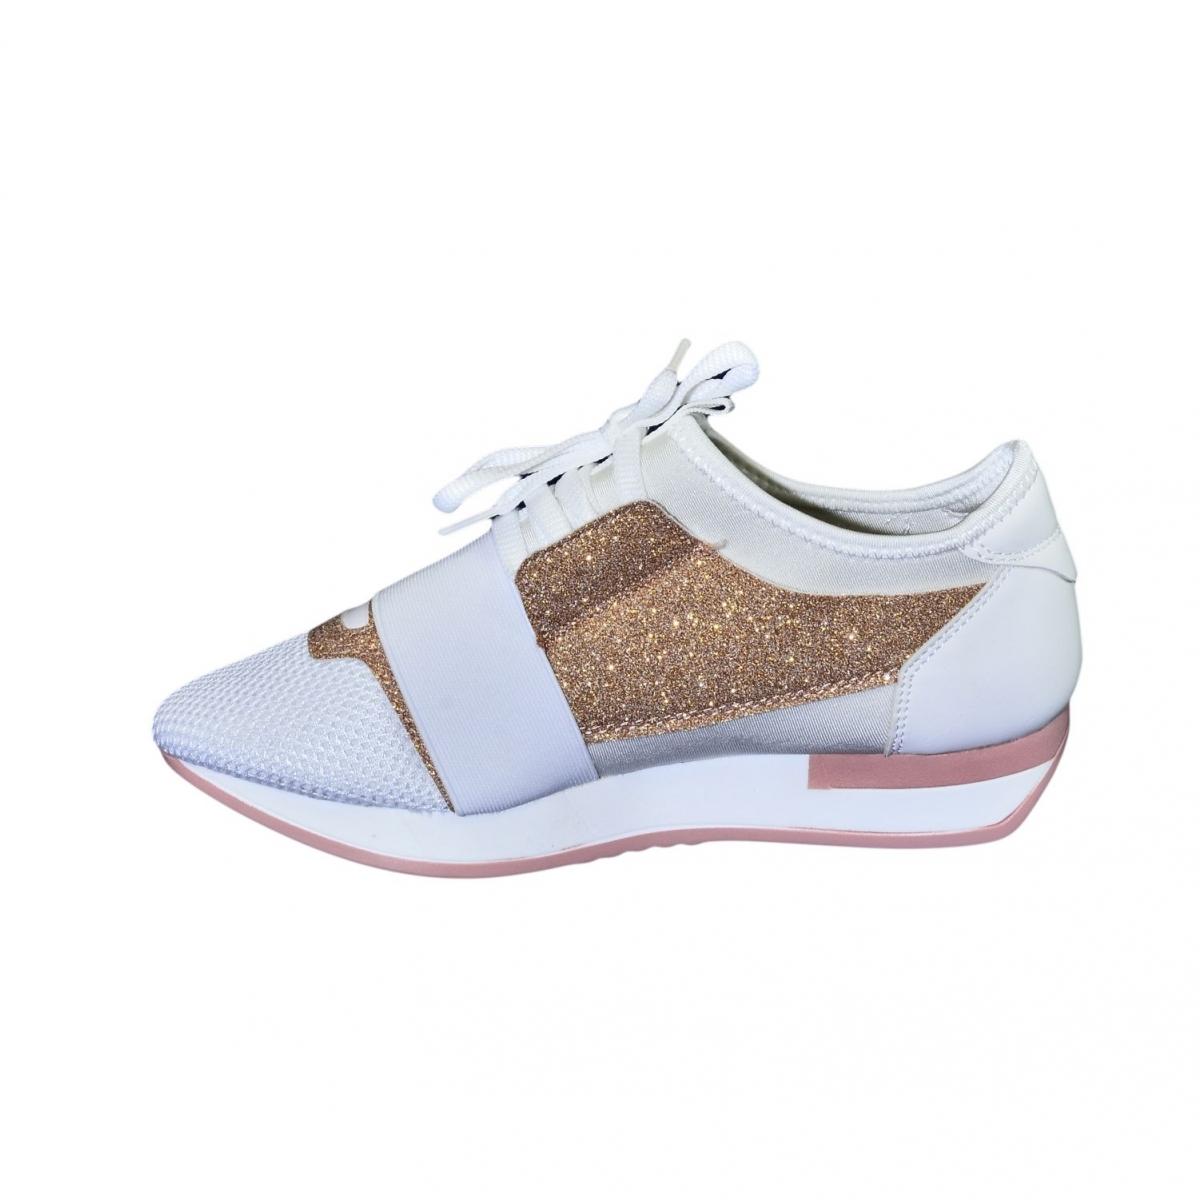 74db4acd4f01 Dámske bielo-ružové botasky BRIEN - 6